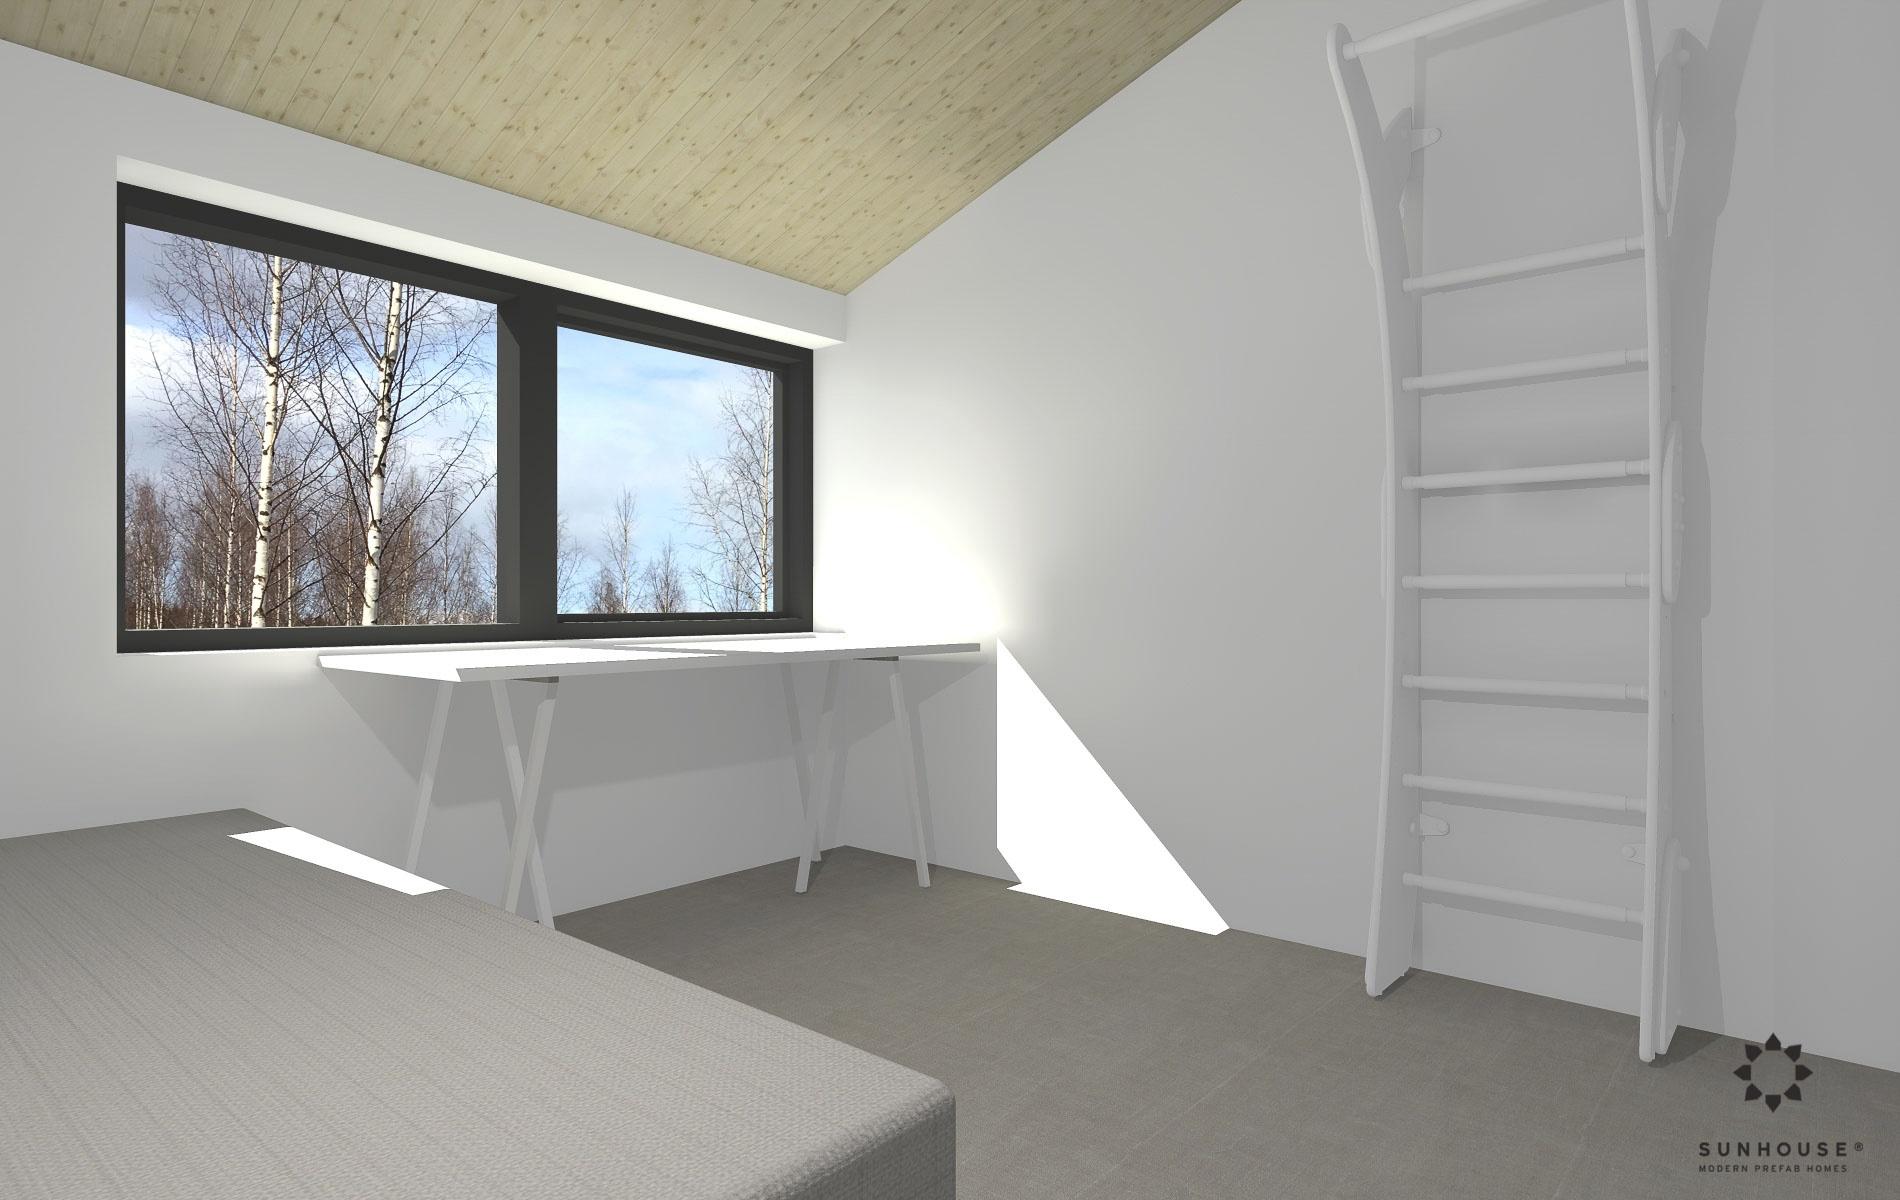 Arkkitehdin suunniettelema koti S1706 (14).jpg